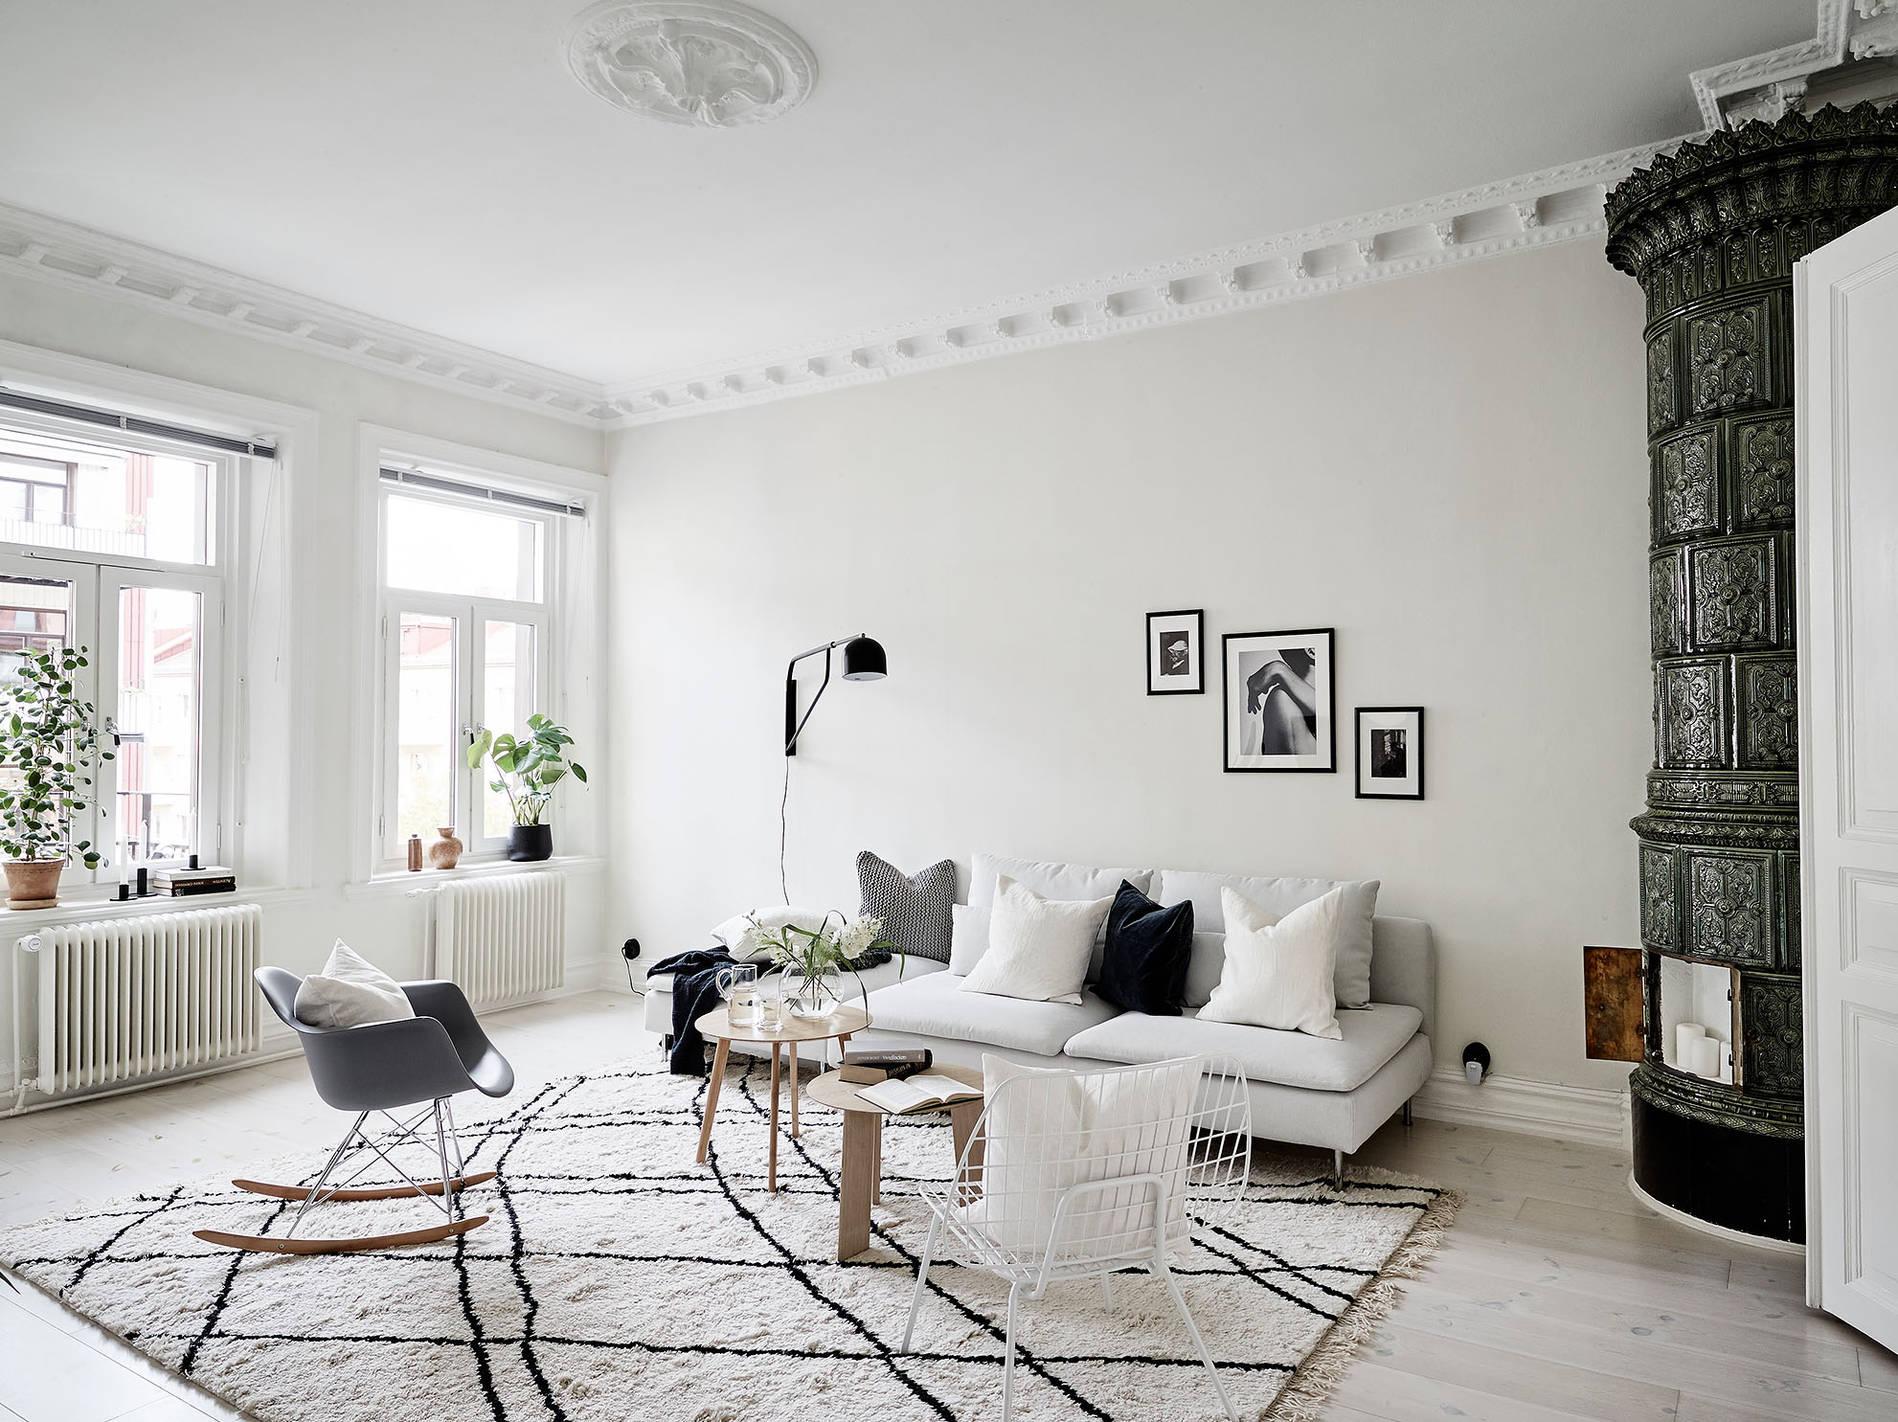 Alfombras Beni Ouarain - Blog tienda decoración estilo ...